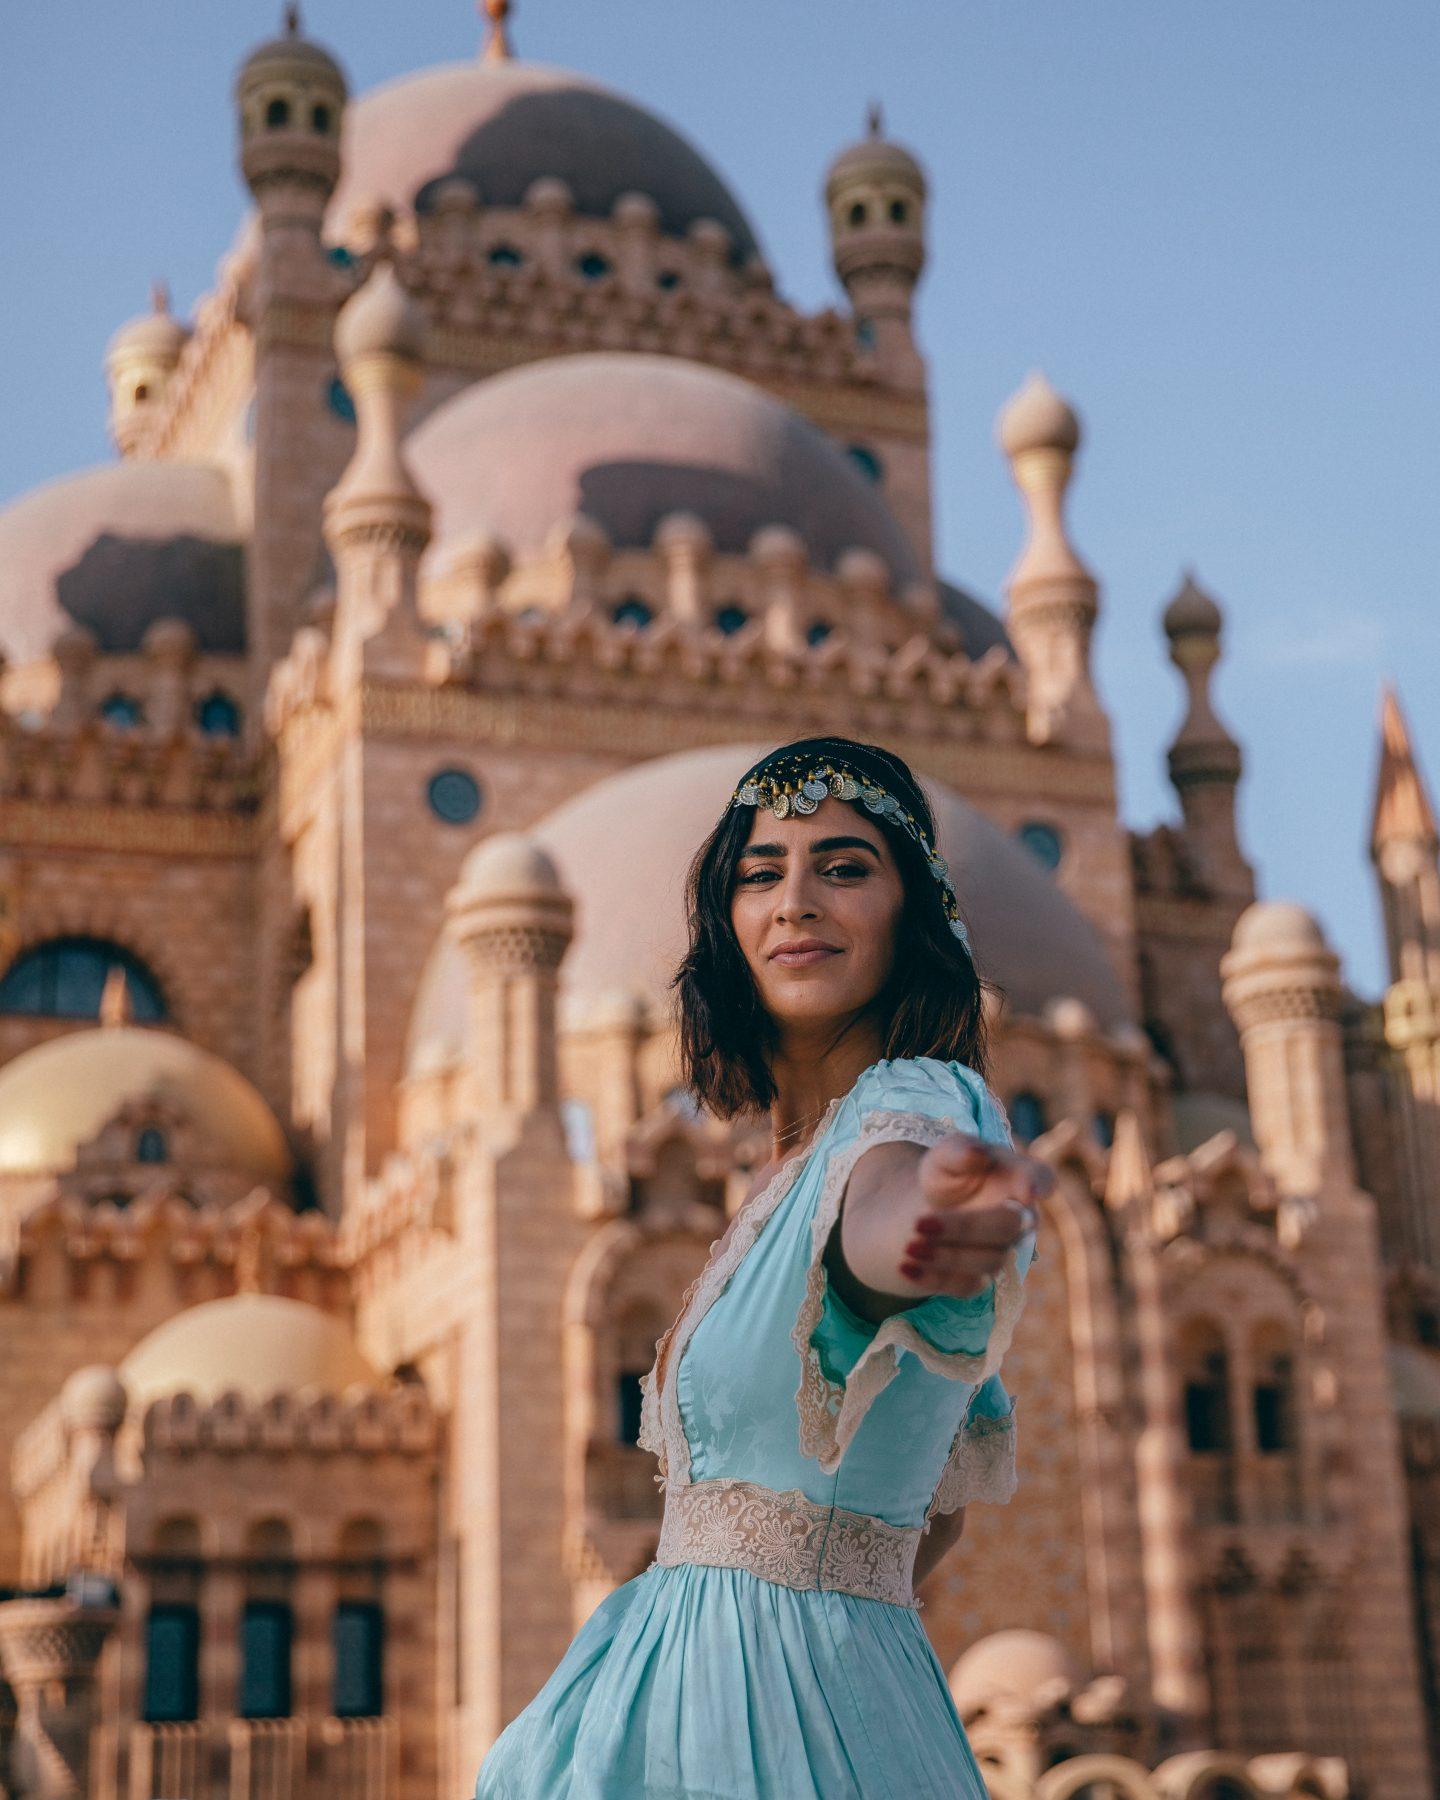 Lisa Homsy looking like Princess Jasmine in Egypt